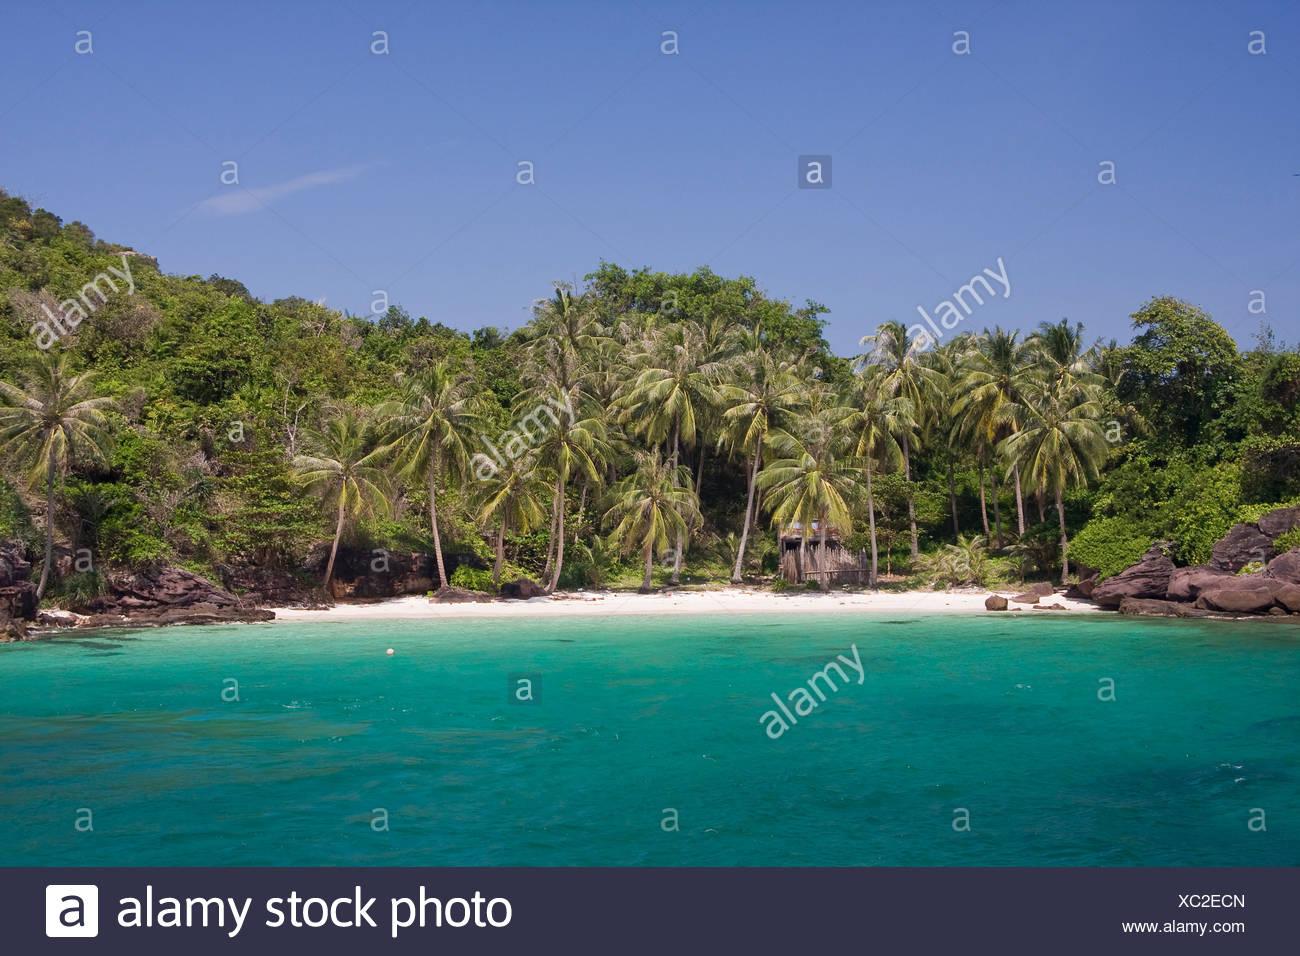 Atmosfera ambiente sogno spiaggia da sogno paradiso di vacanza isola come outdoor lungo palm Phu Quoc mare di sabbia Asia Vietnam Immagini Stock